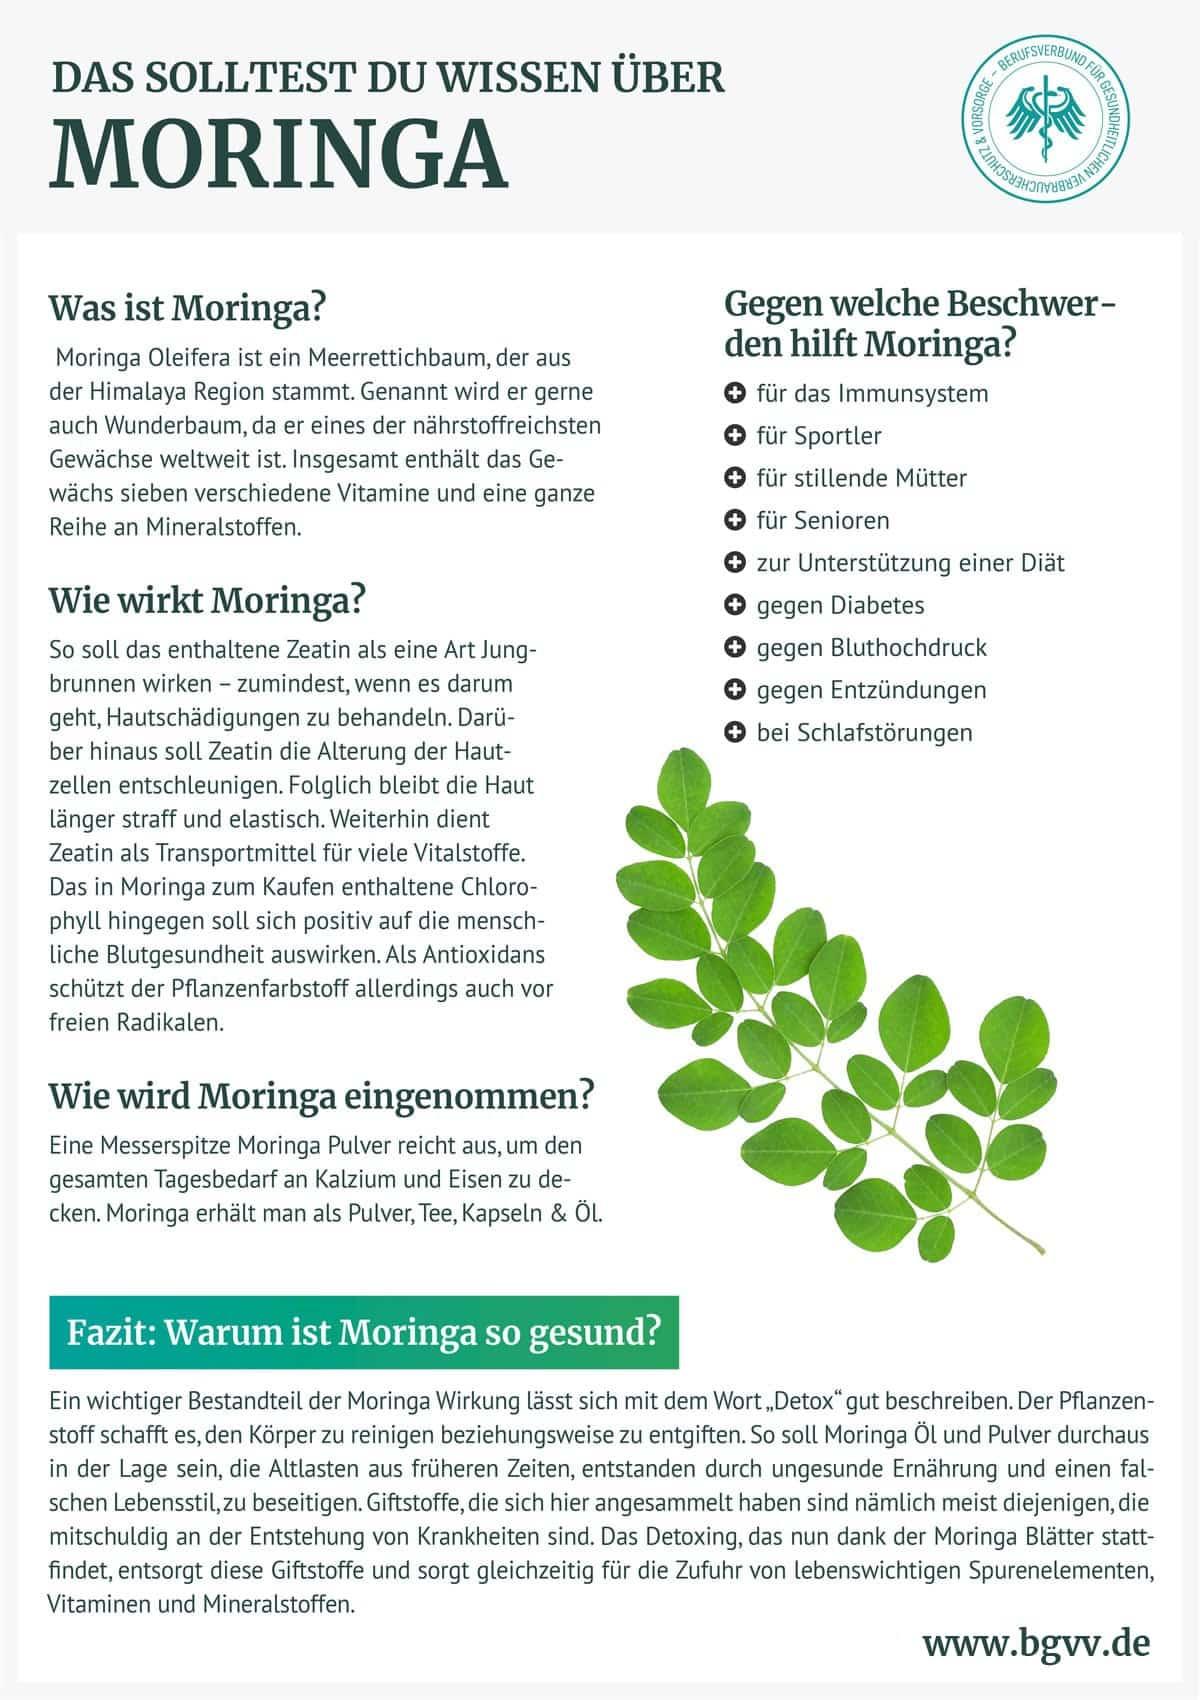 Bgvv Moringa Infografik